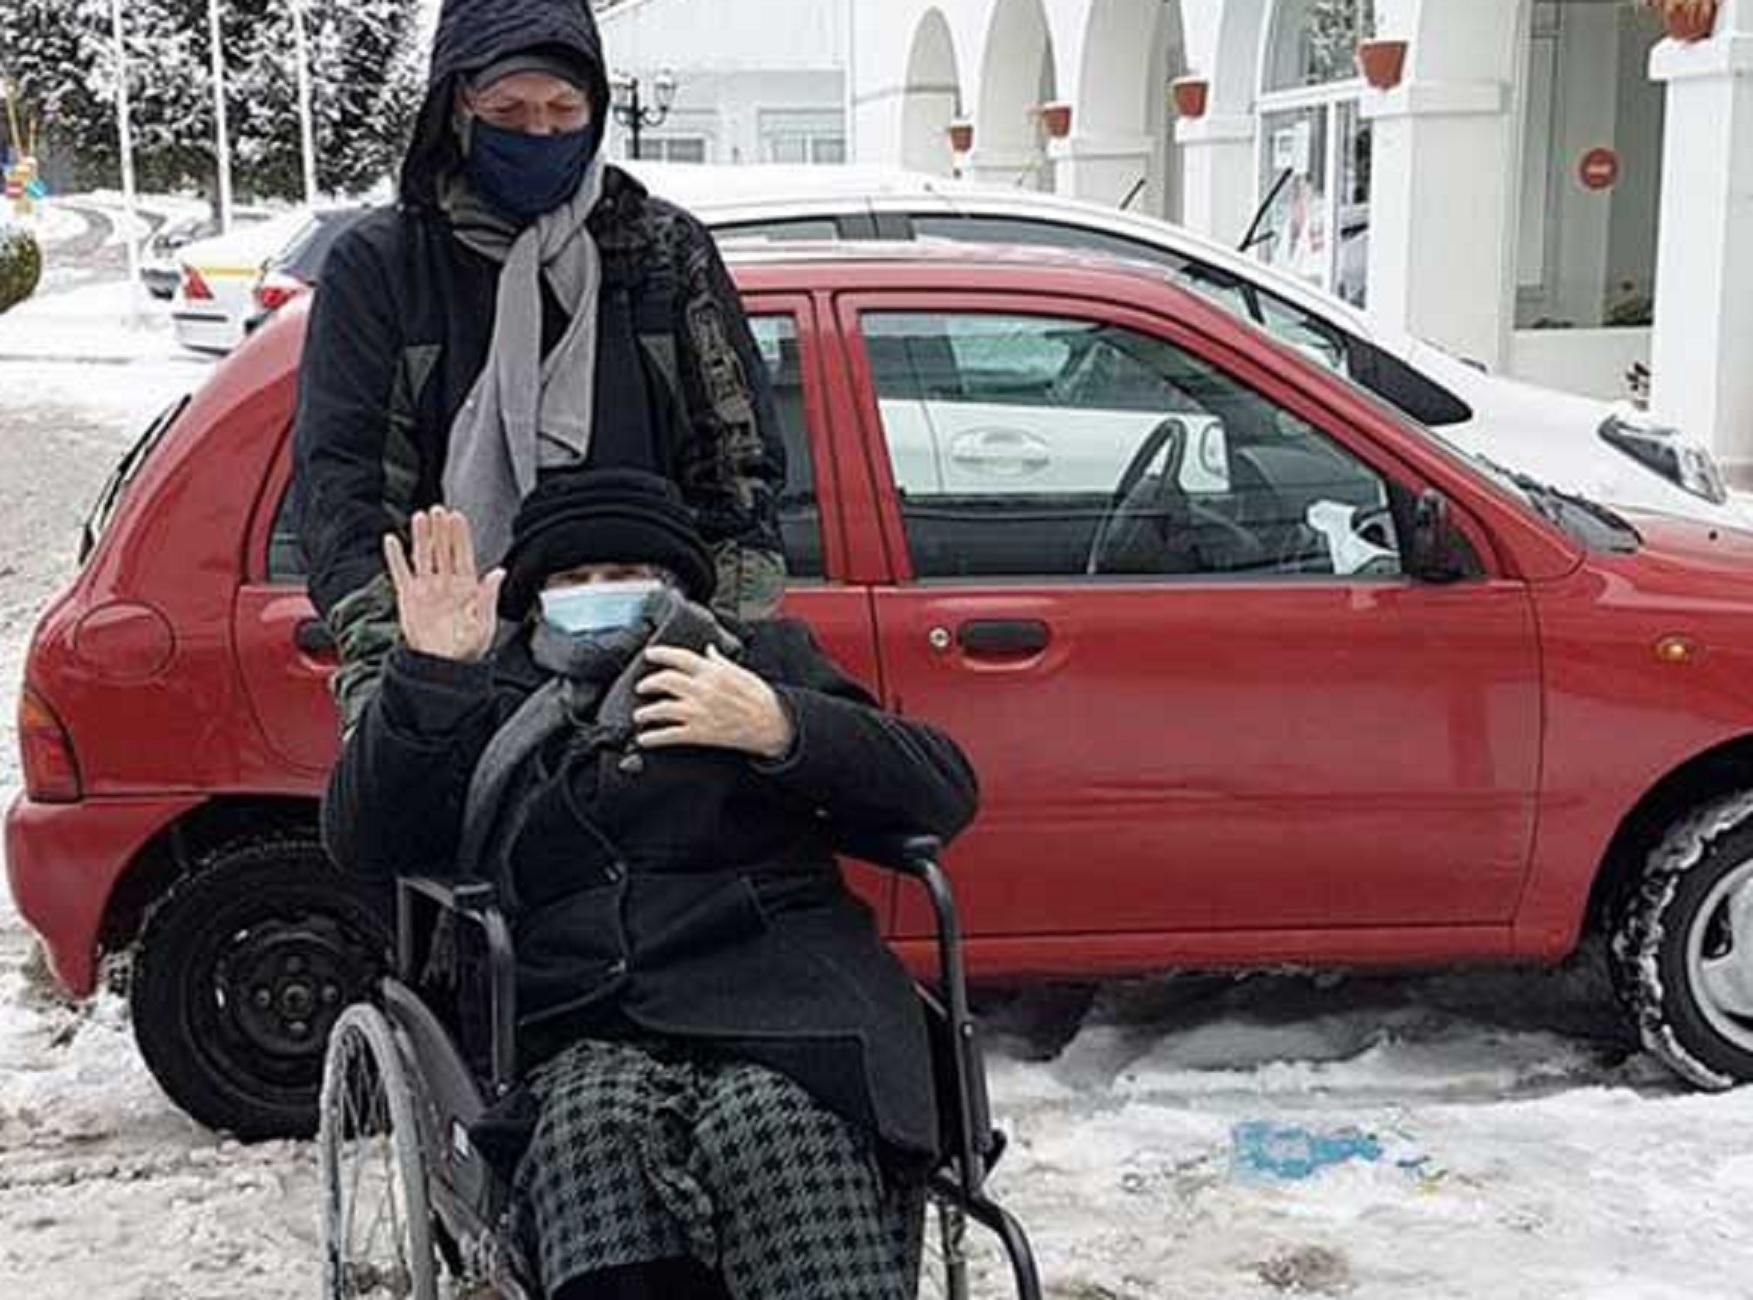 Κοζάνη – Εμβόλιο: Αυτή είναι η γιαγιά που το έκανε πρώτη – Αψήφισε τα χιόνια και το κρύο (pic)